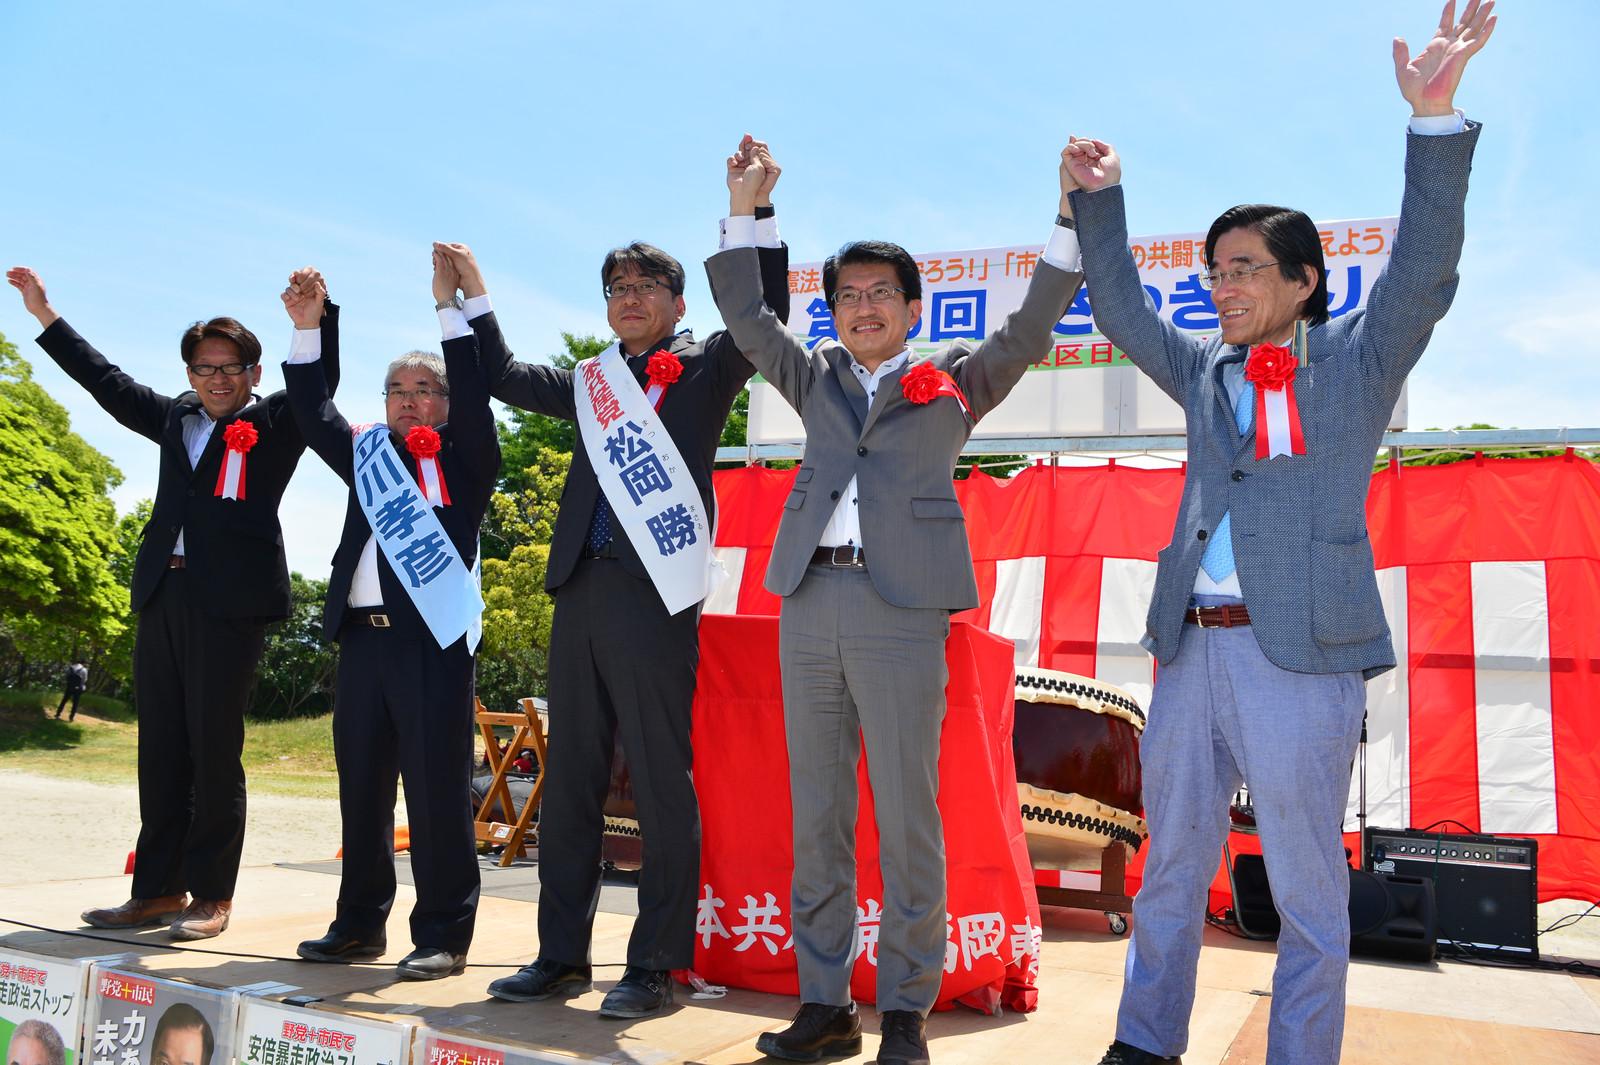 拍手に応える(右から)比江嶋俊和市議、田村、松岡、立川の各氏と綿貫英彦市議=21日、福岡市